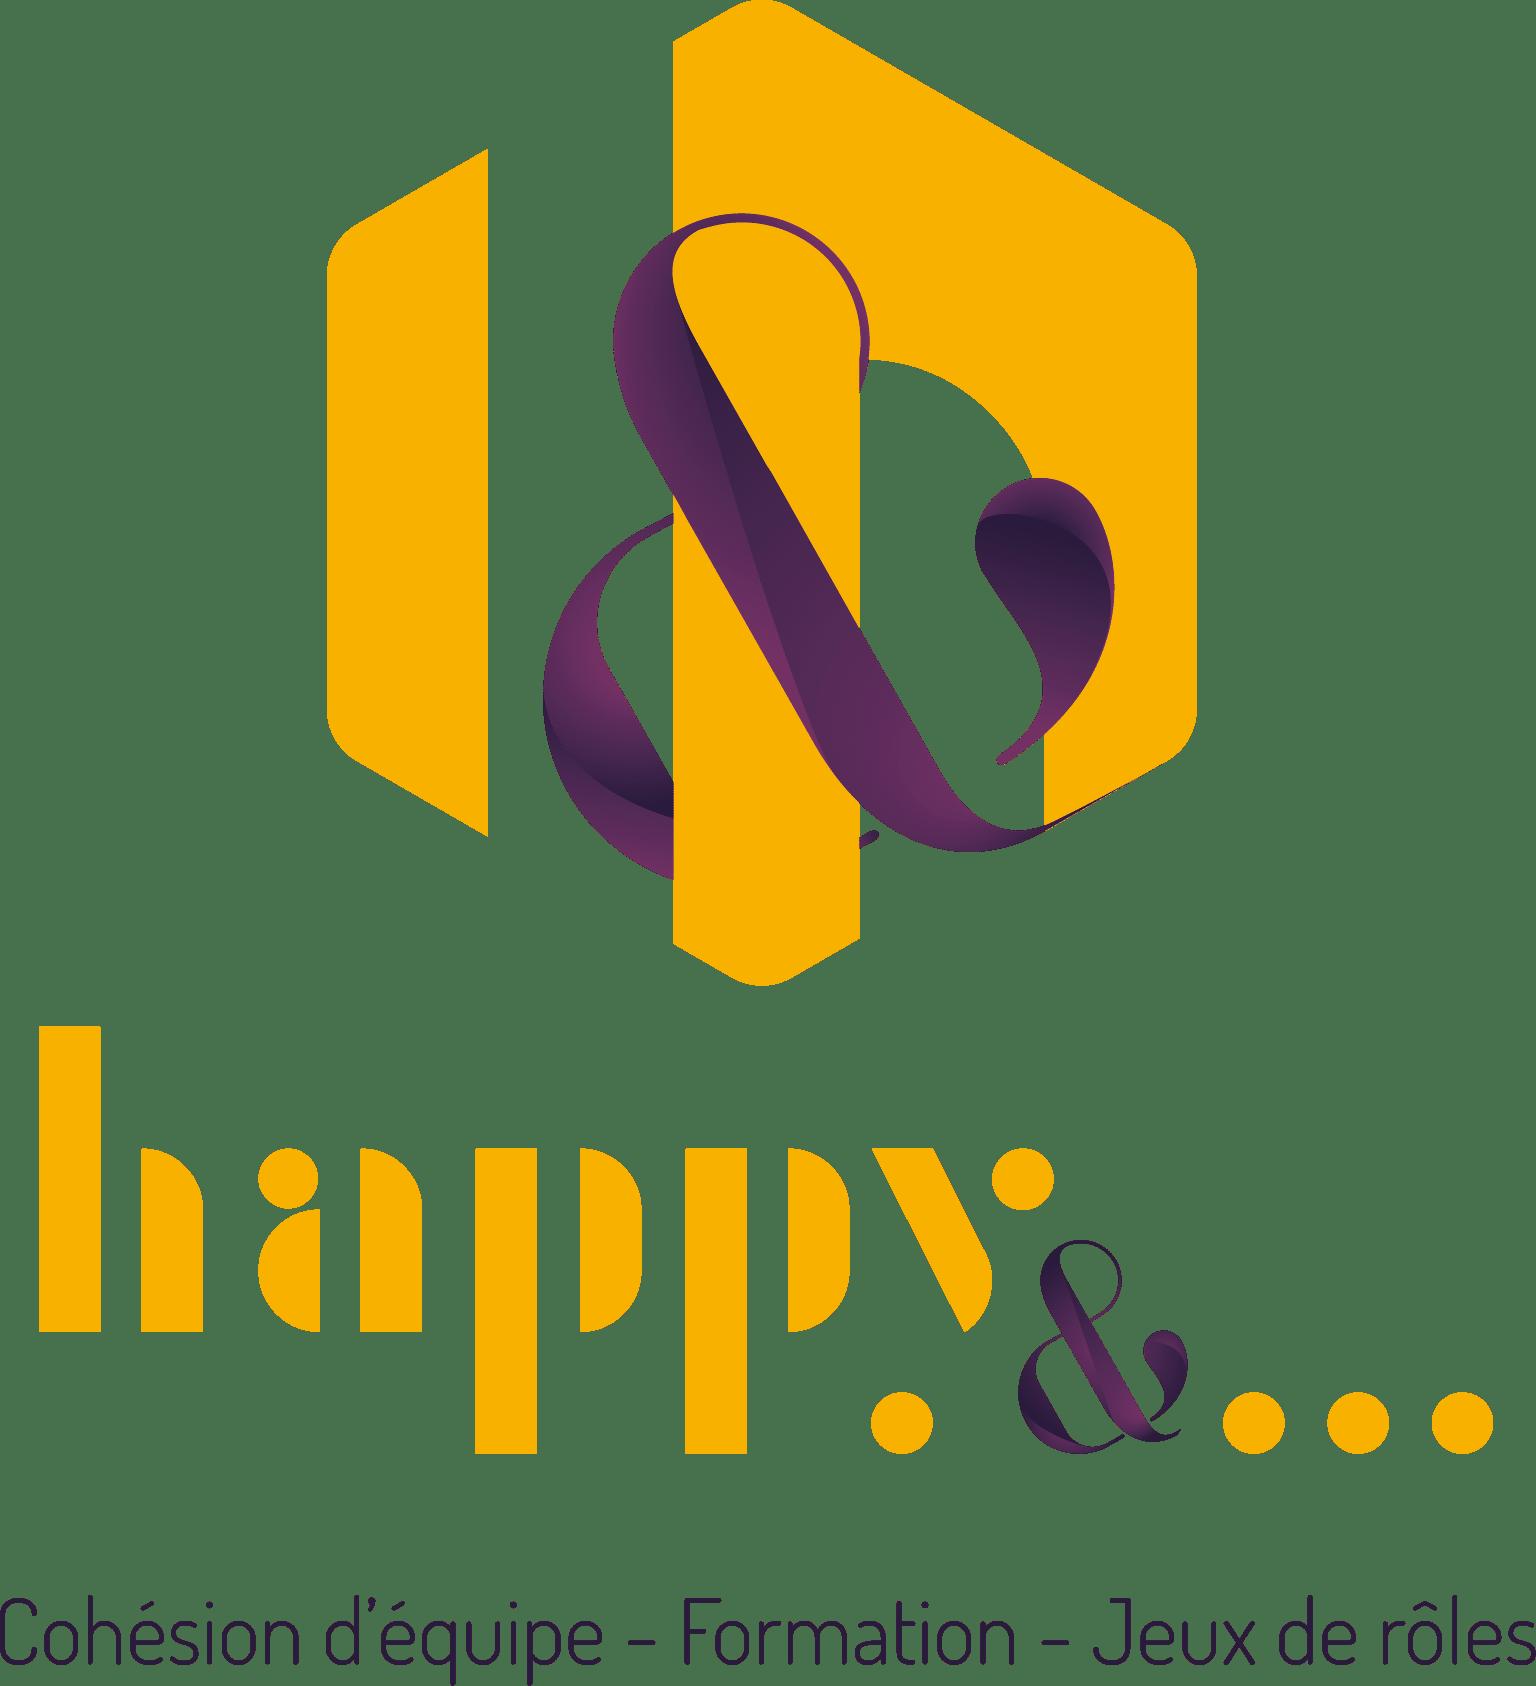 HAPPY & …